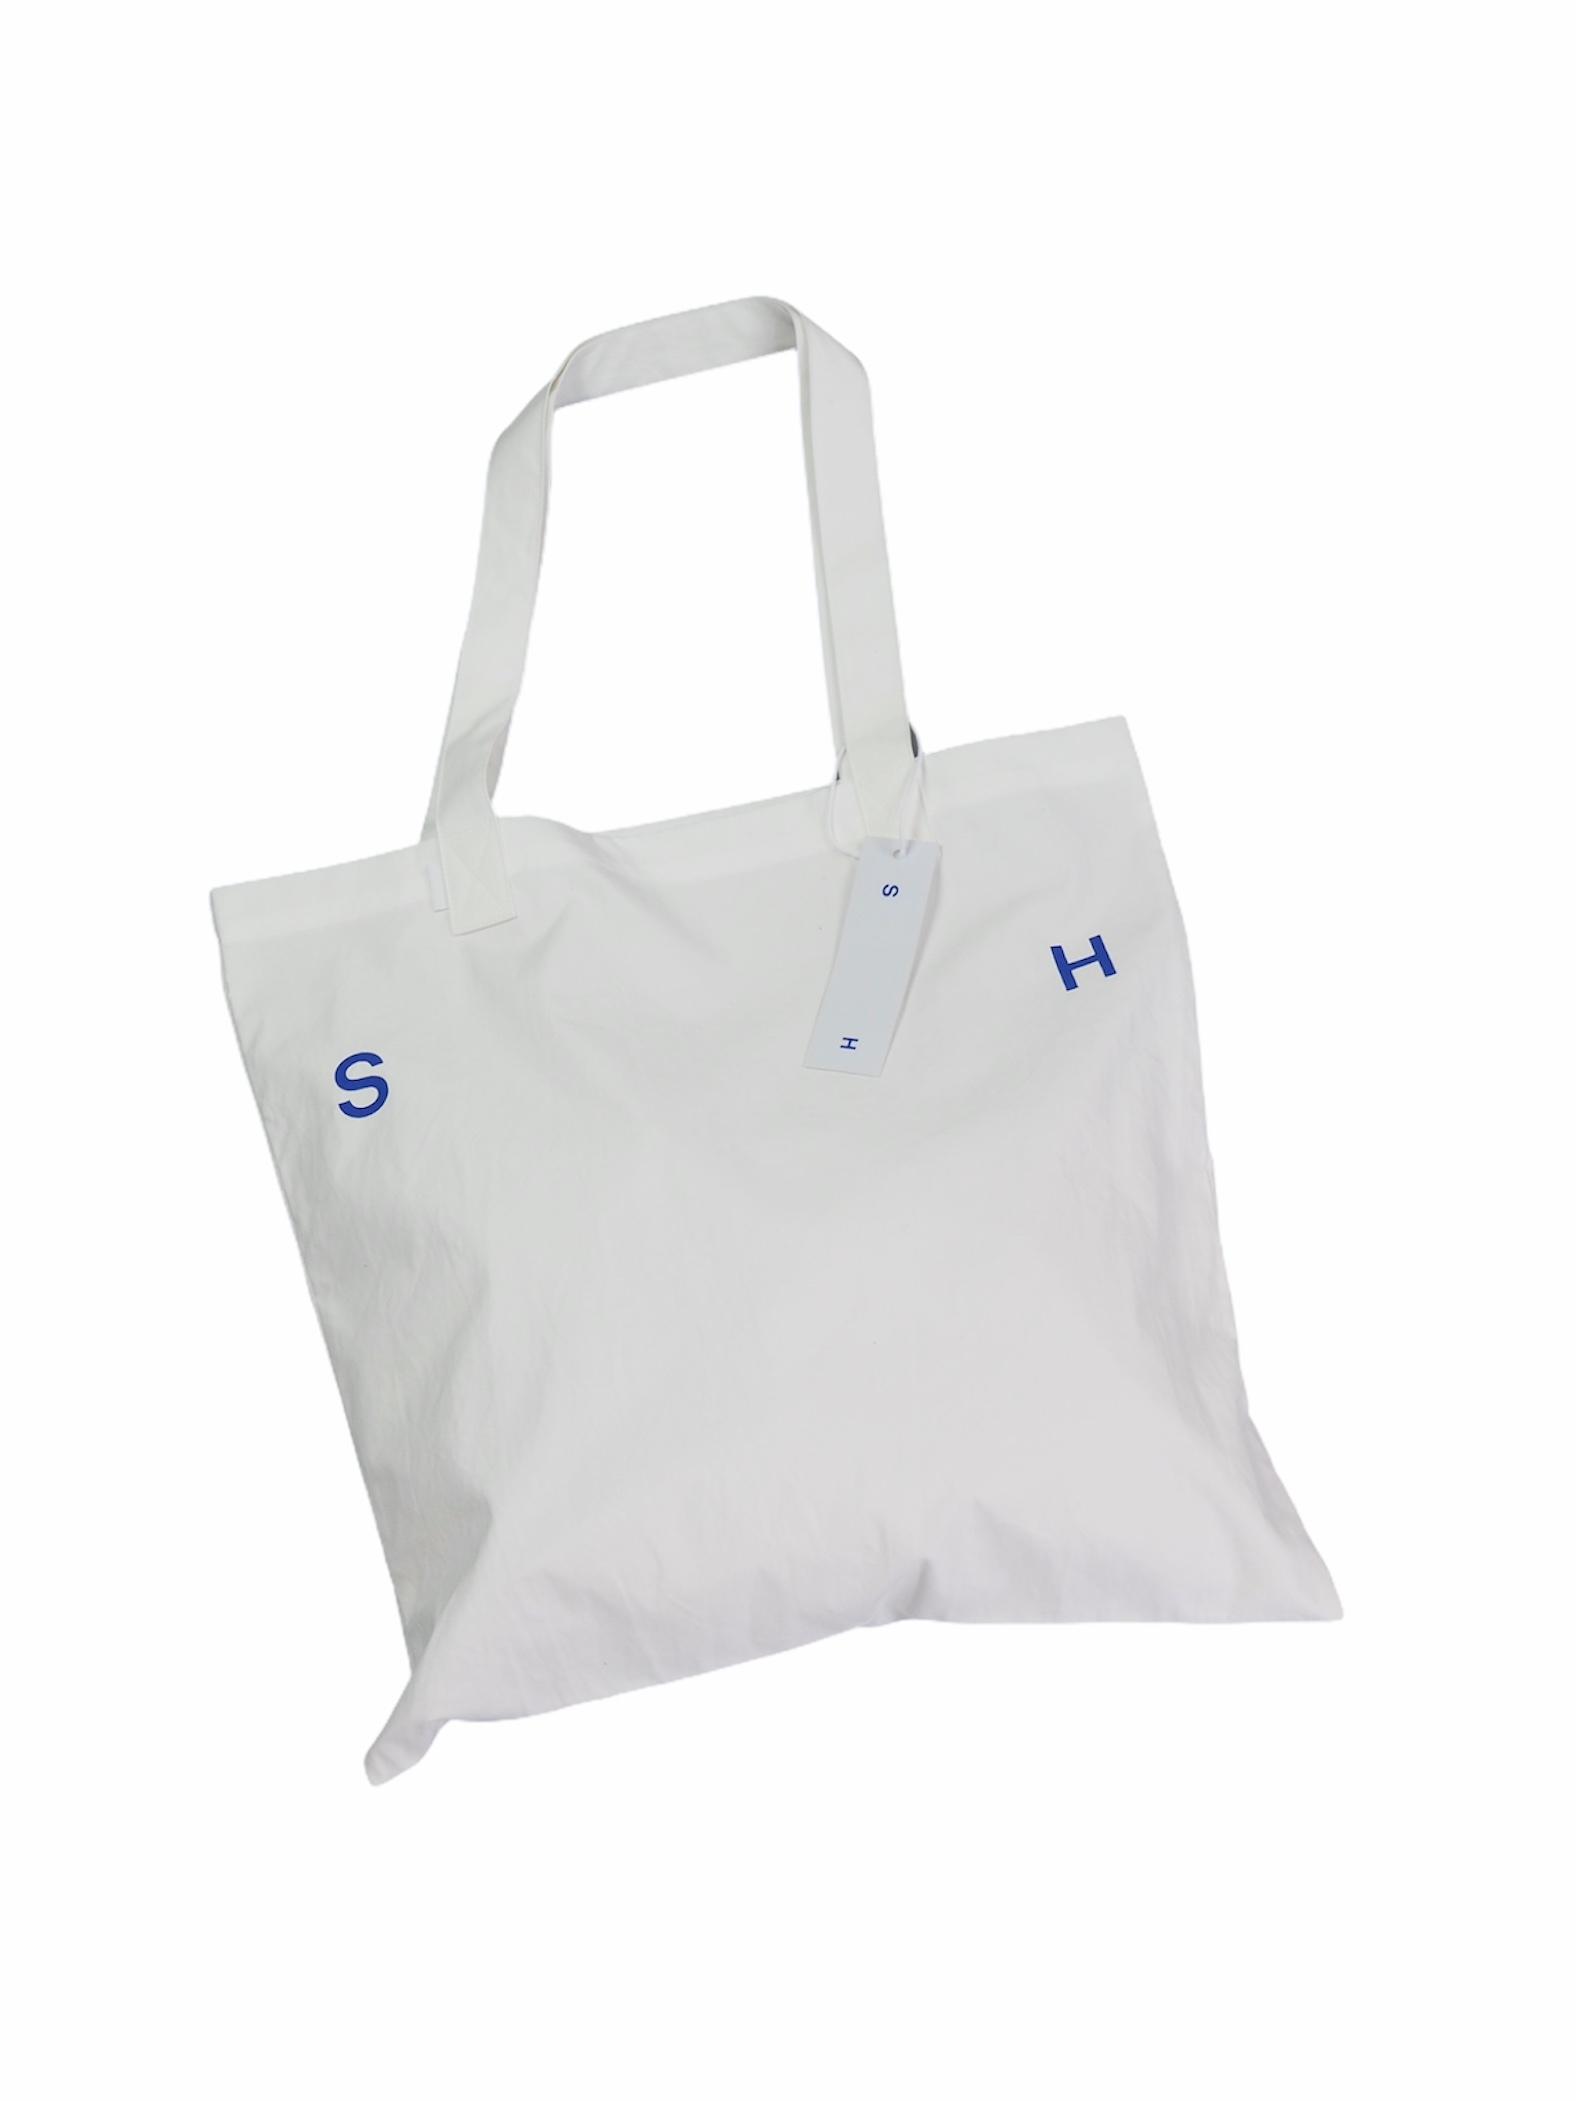 【S H】TOTE BAG